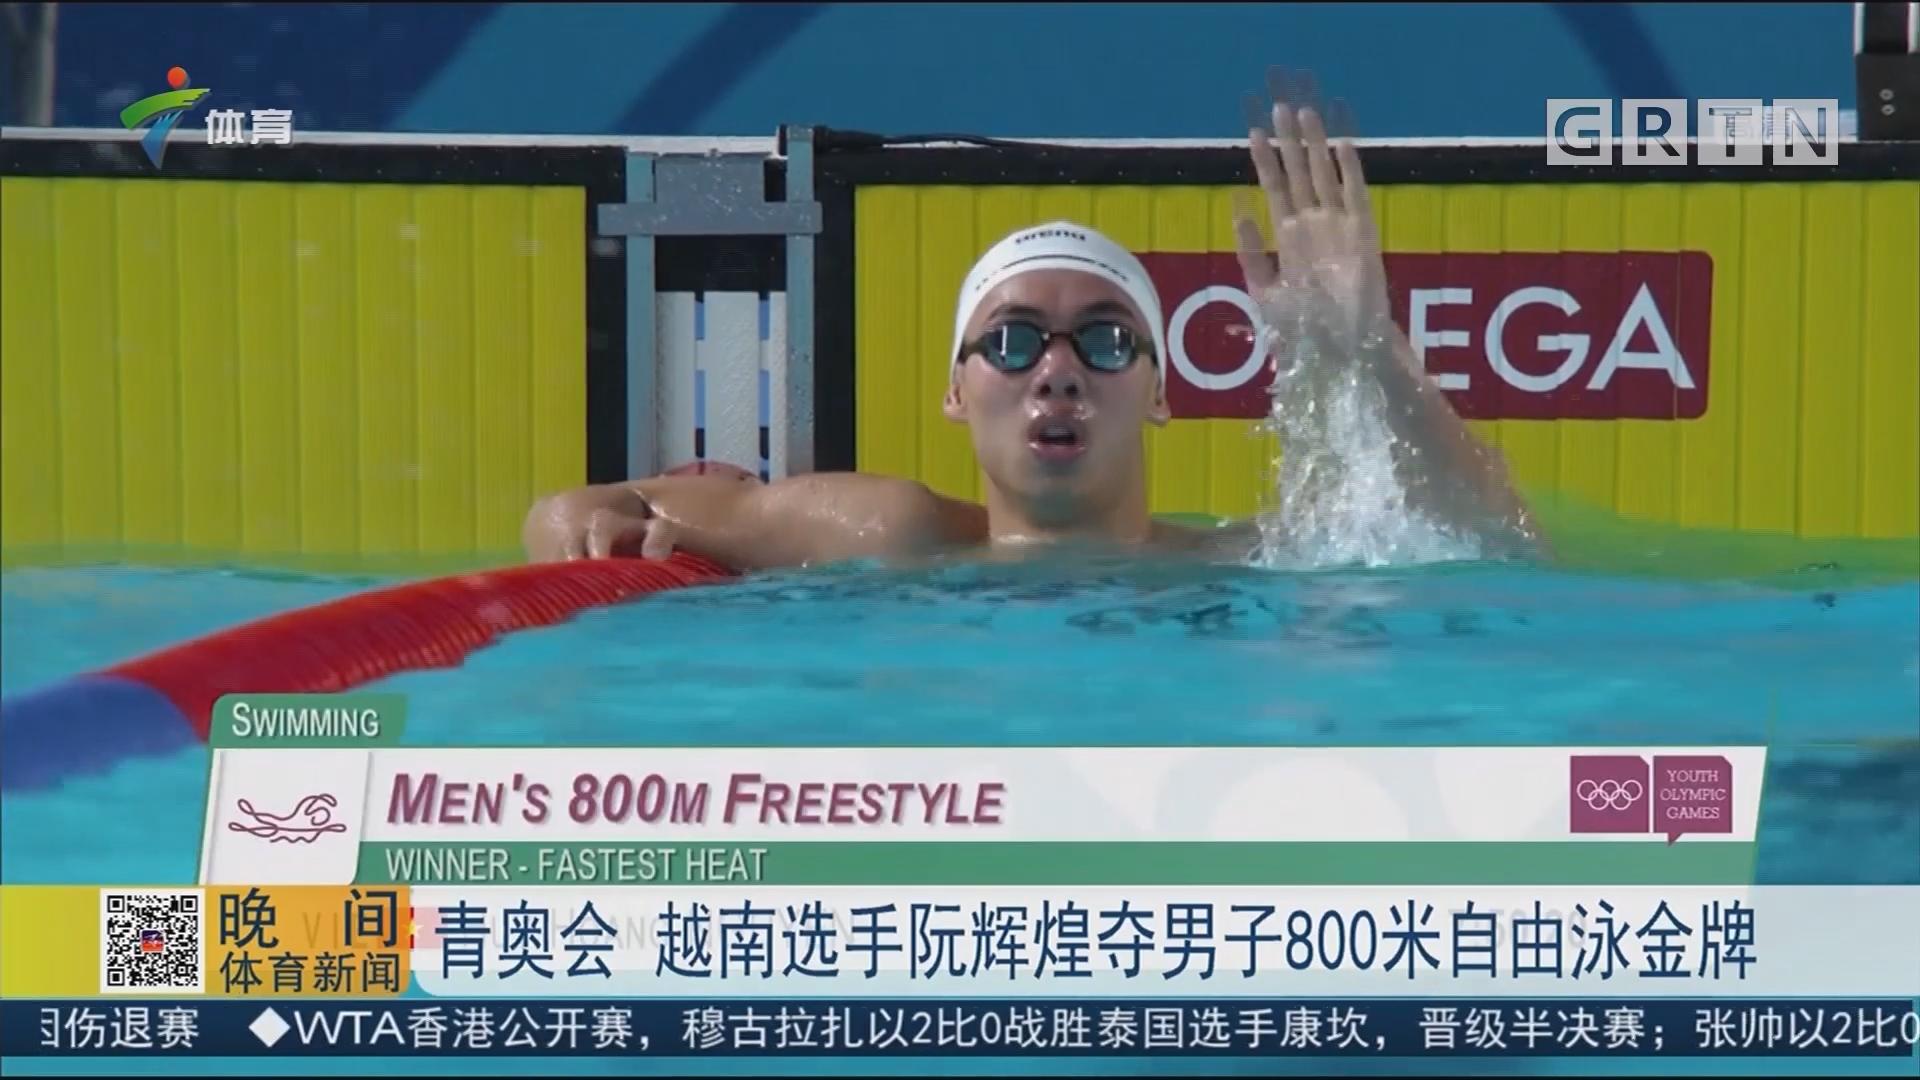 青奥会 越南选手阮辉煌夺男子800米自由泳金牌